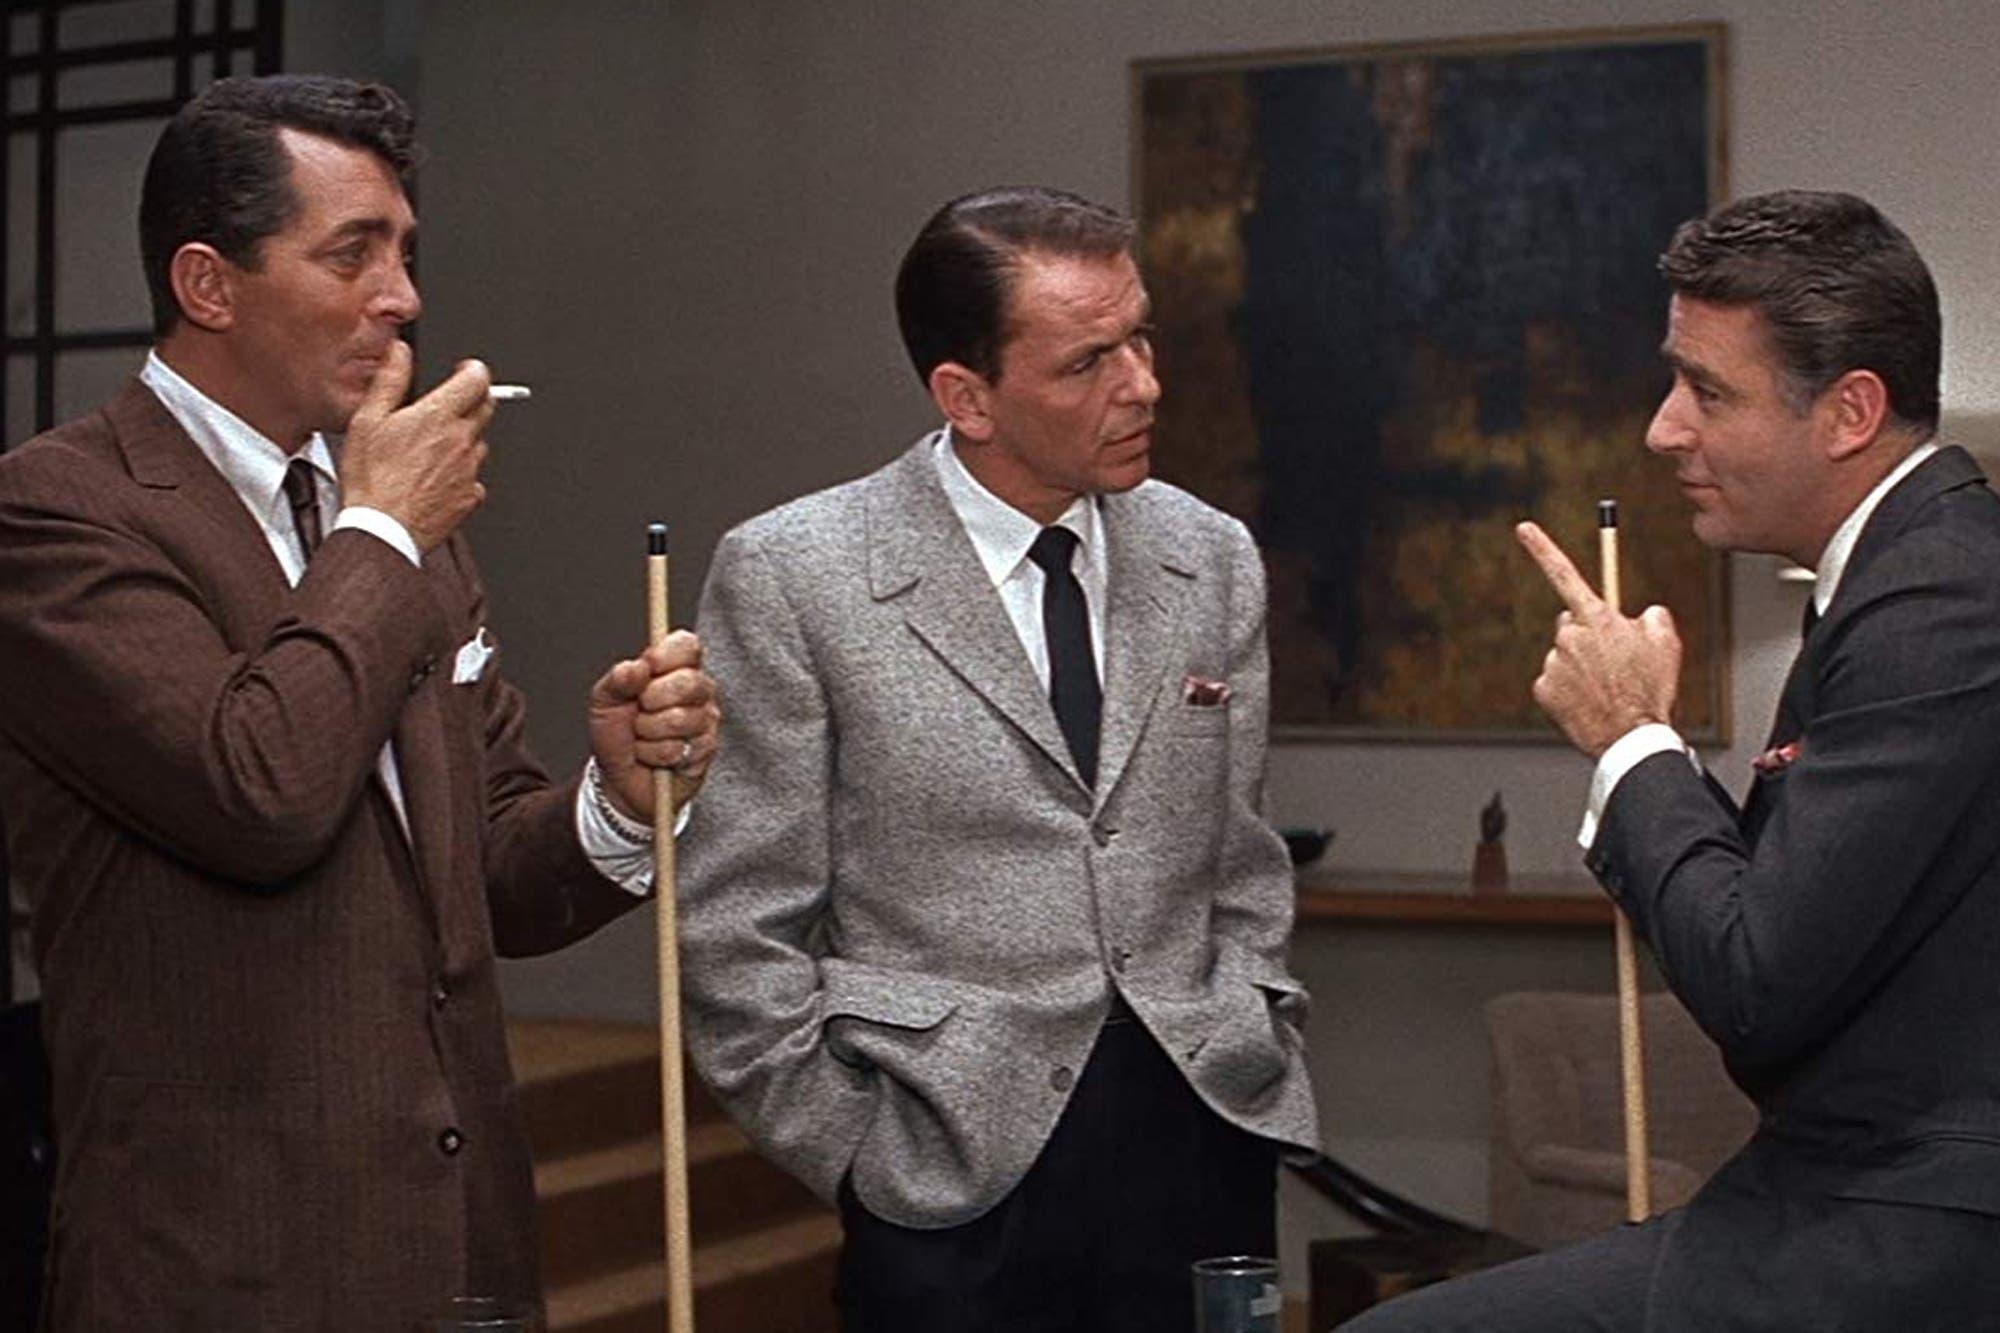 Subastarán objetos que pertenecieron a Frank Sinatra